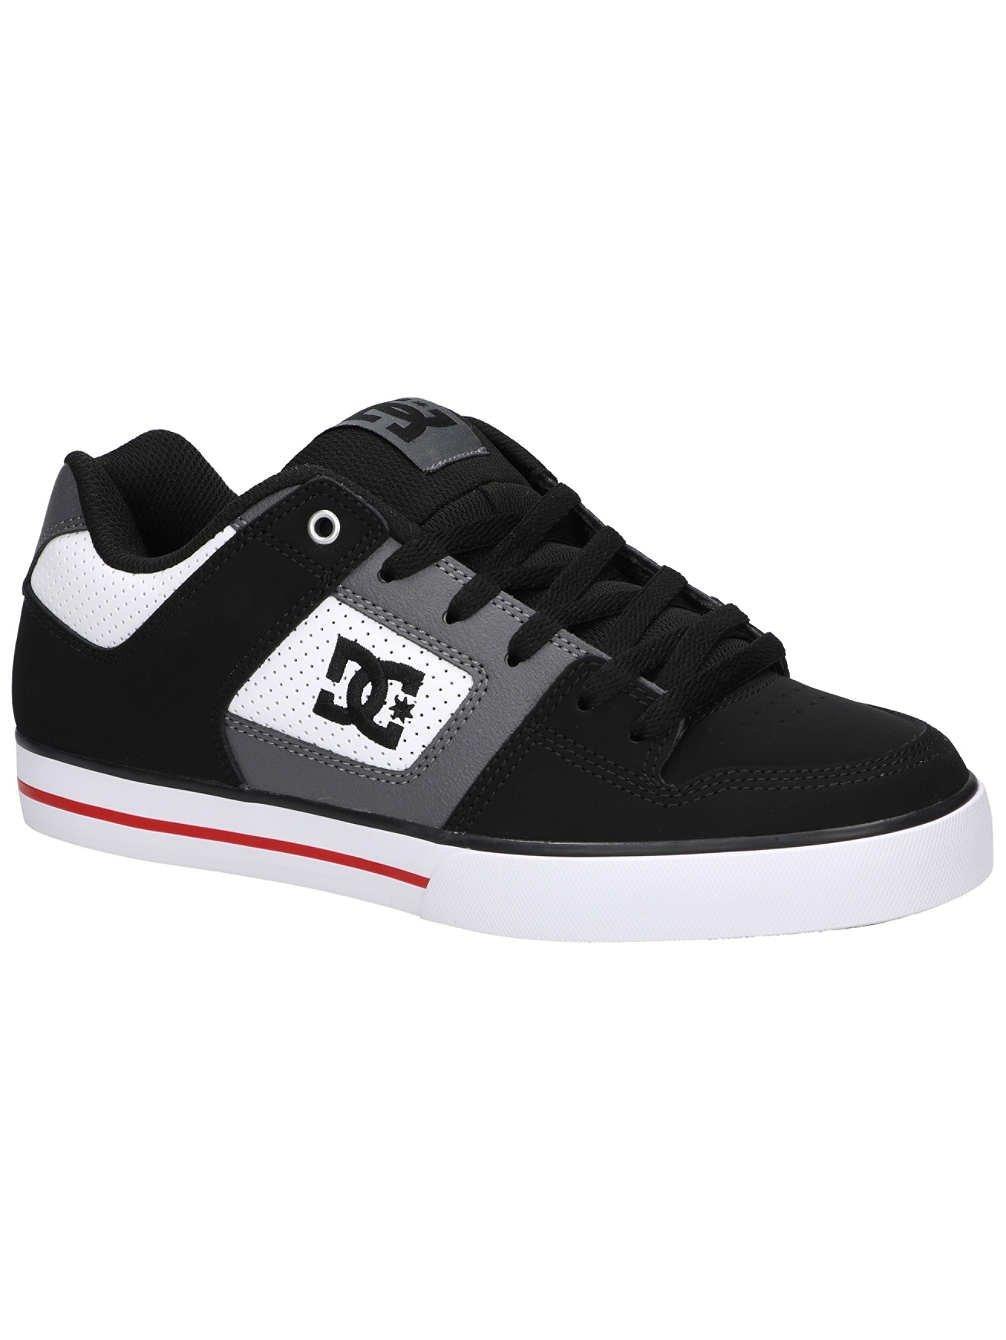 DC Zapatillas Pure Blanco/Negro/Rojo 9 UK|White/Black/Red Venta de calzado deportivo de moda en línea